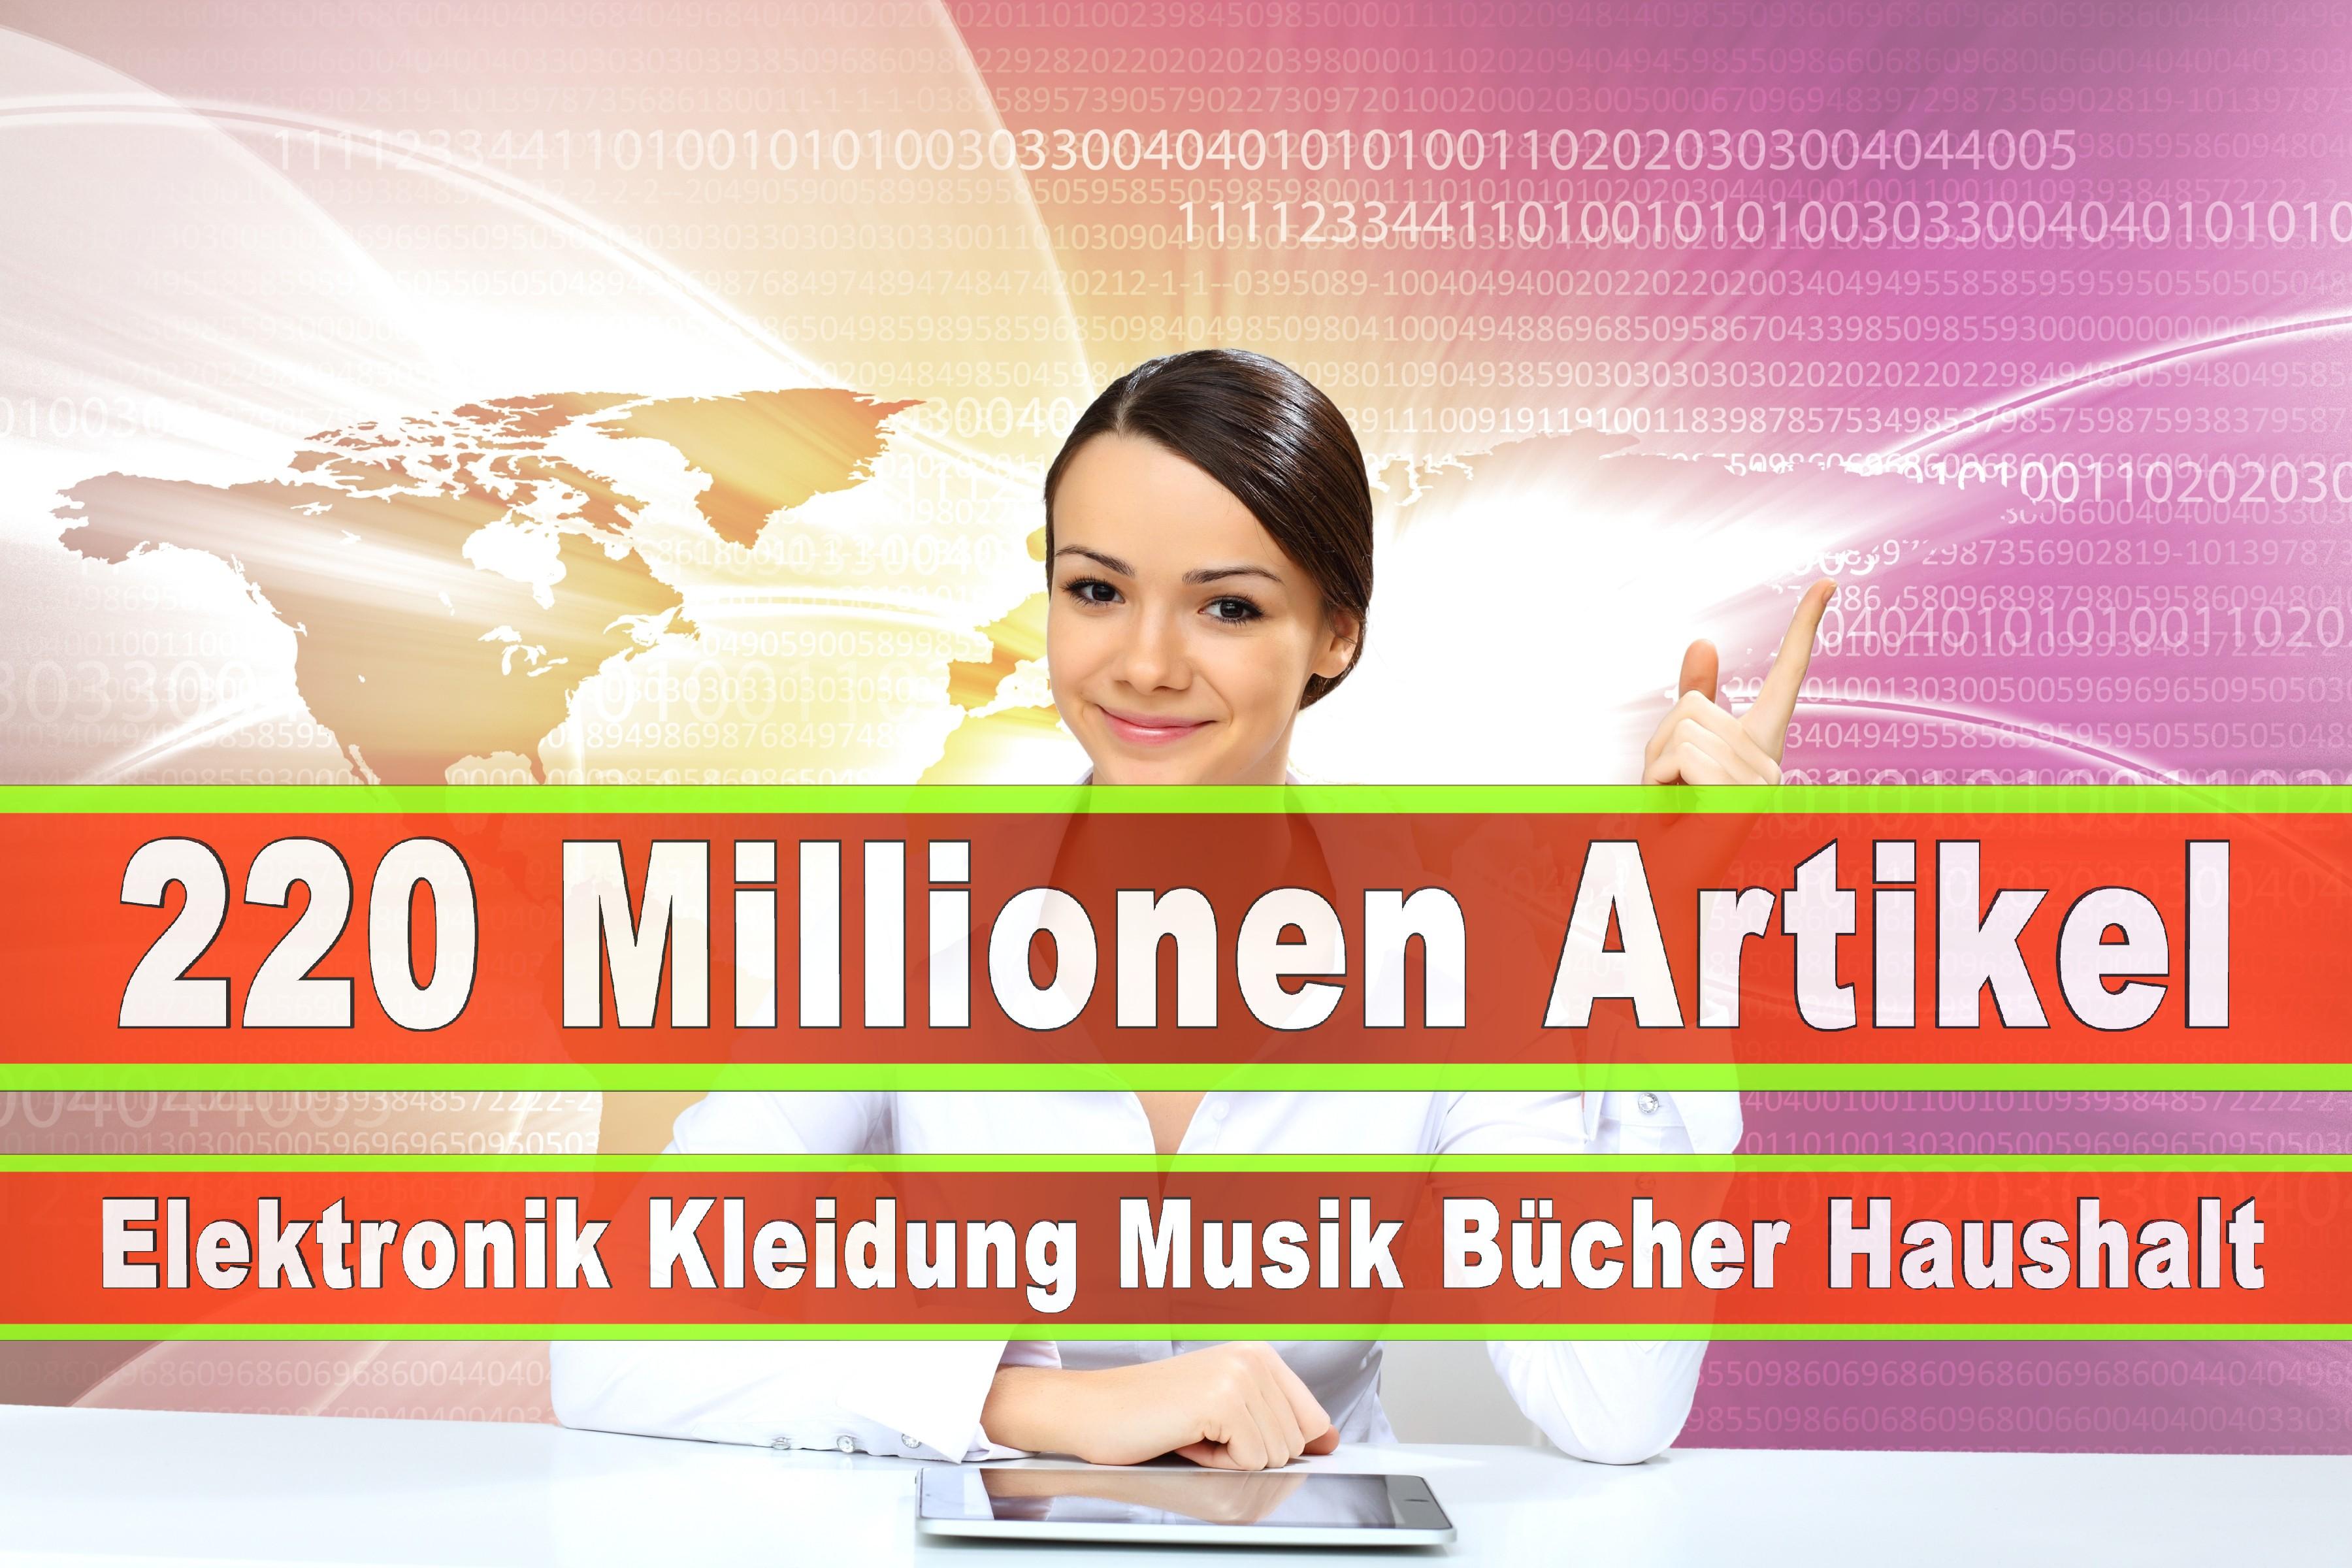 Amazon Elektronik Musik Haushalt Bücher CD DVD Handys Smartphones TV Television Fernseher Kleidung Mode Ebay Versandhaus (86)